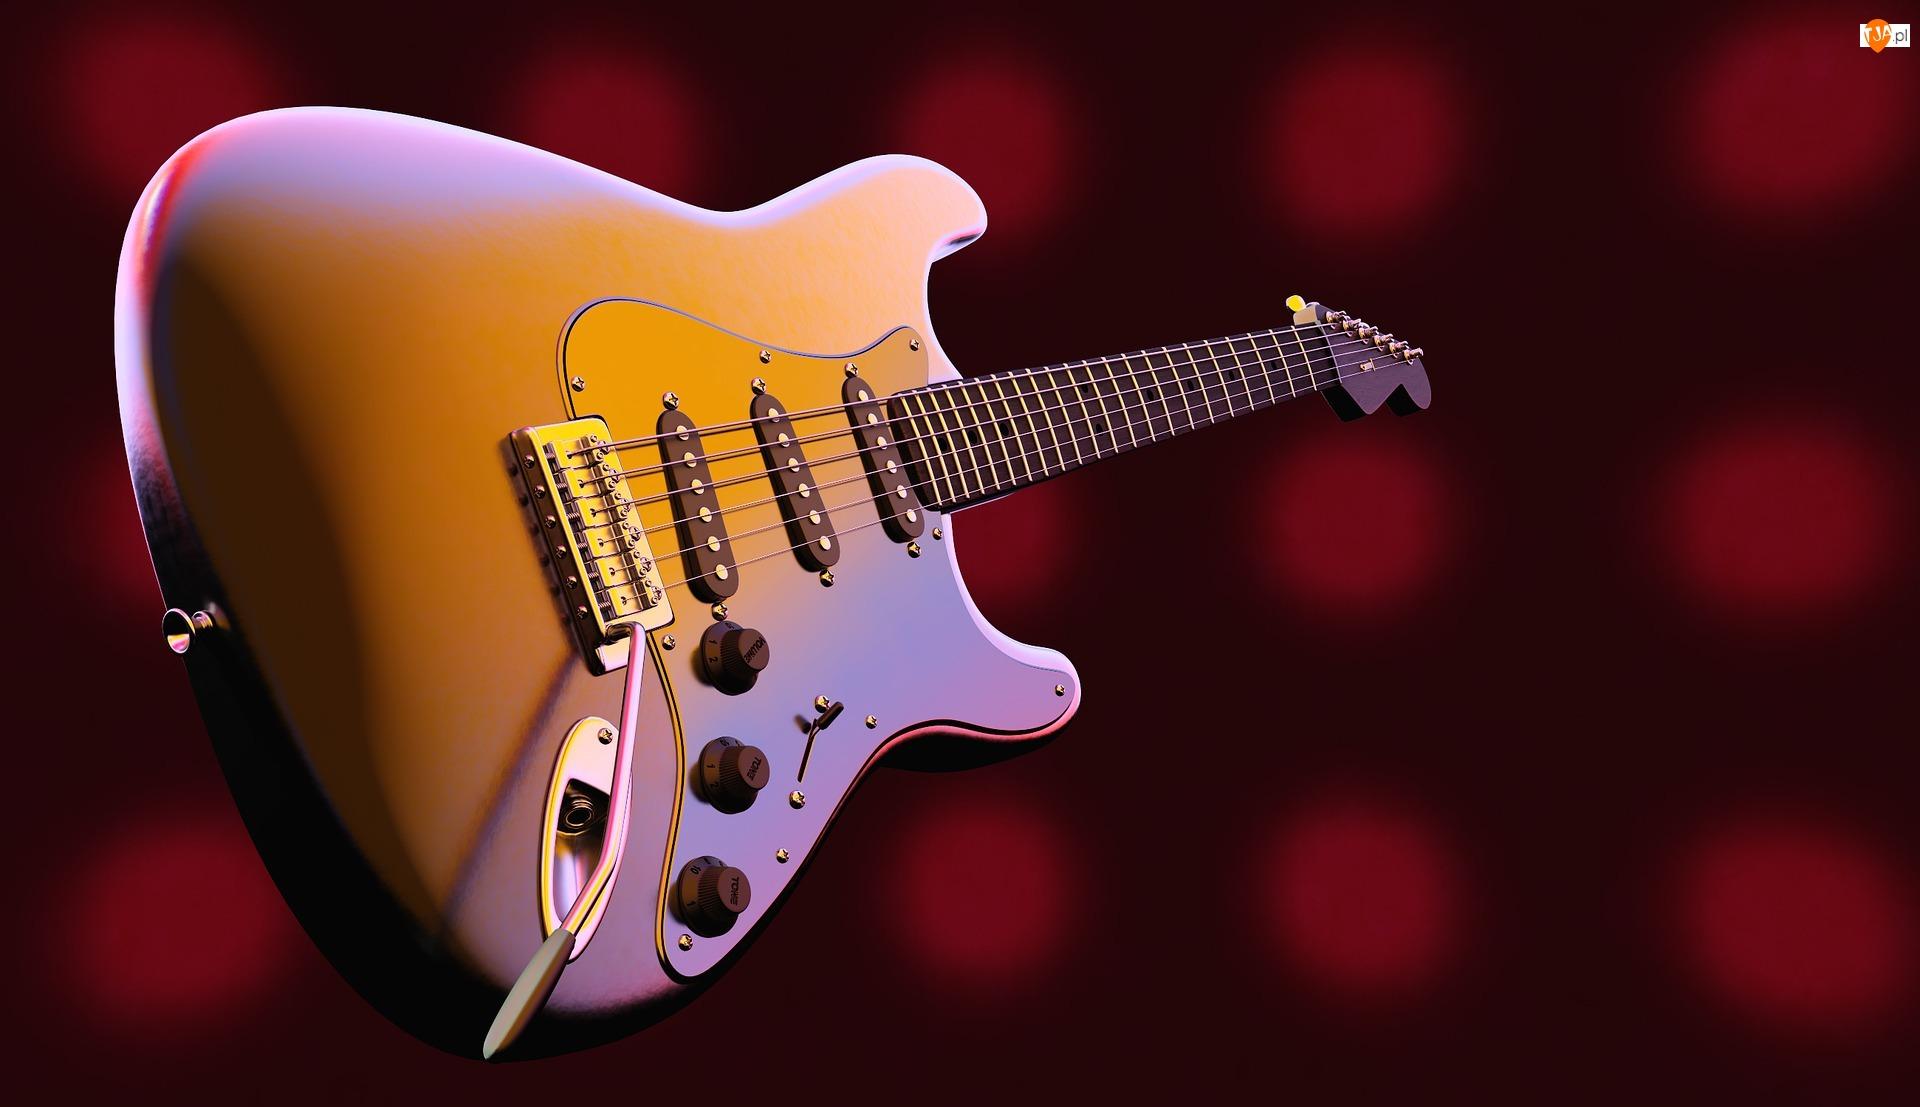 Czerwone tło, Gitara, Elektryczna